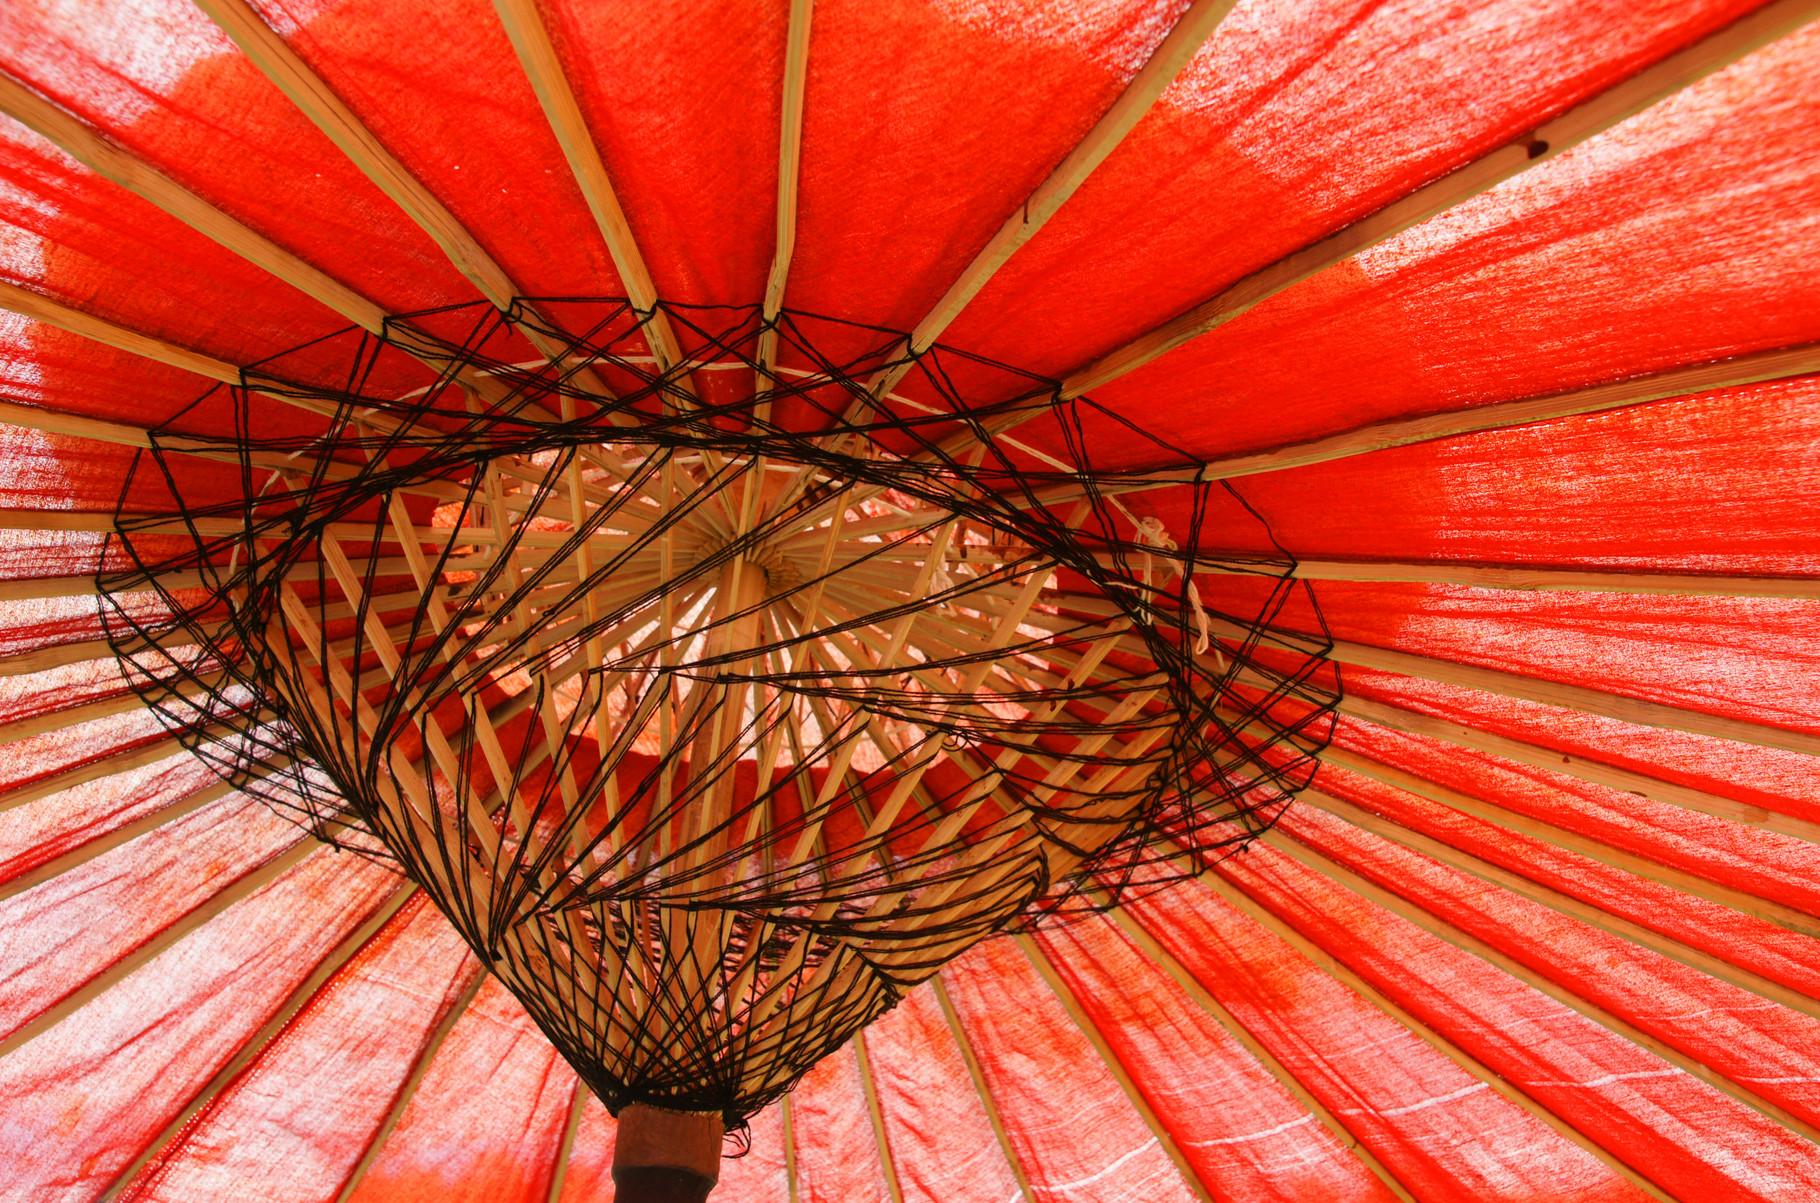 ein Kunstwer der Schirm